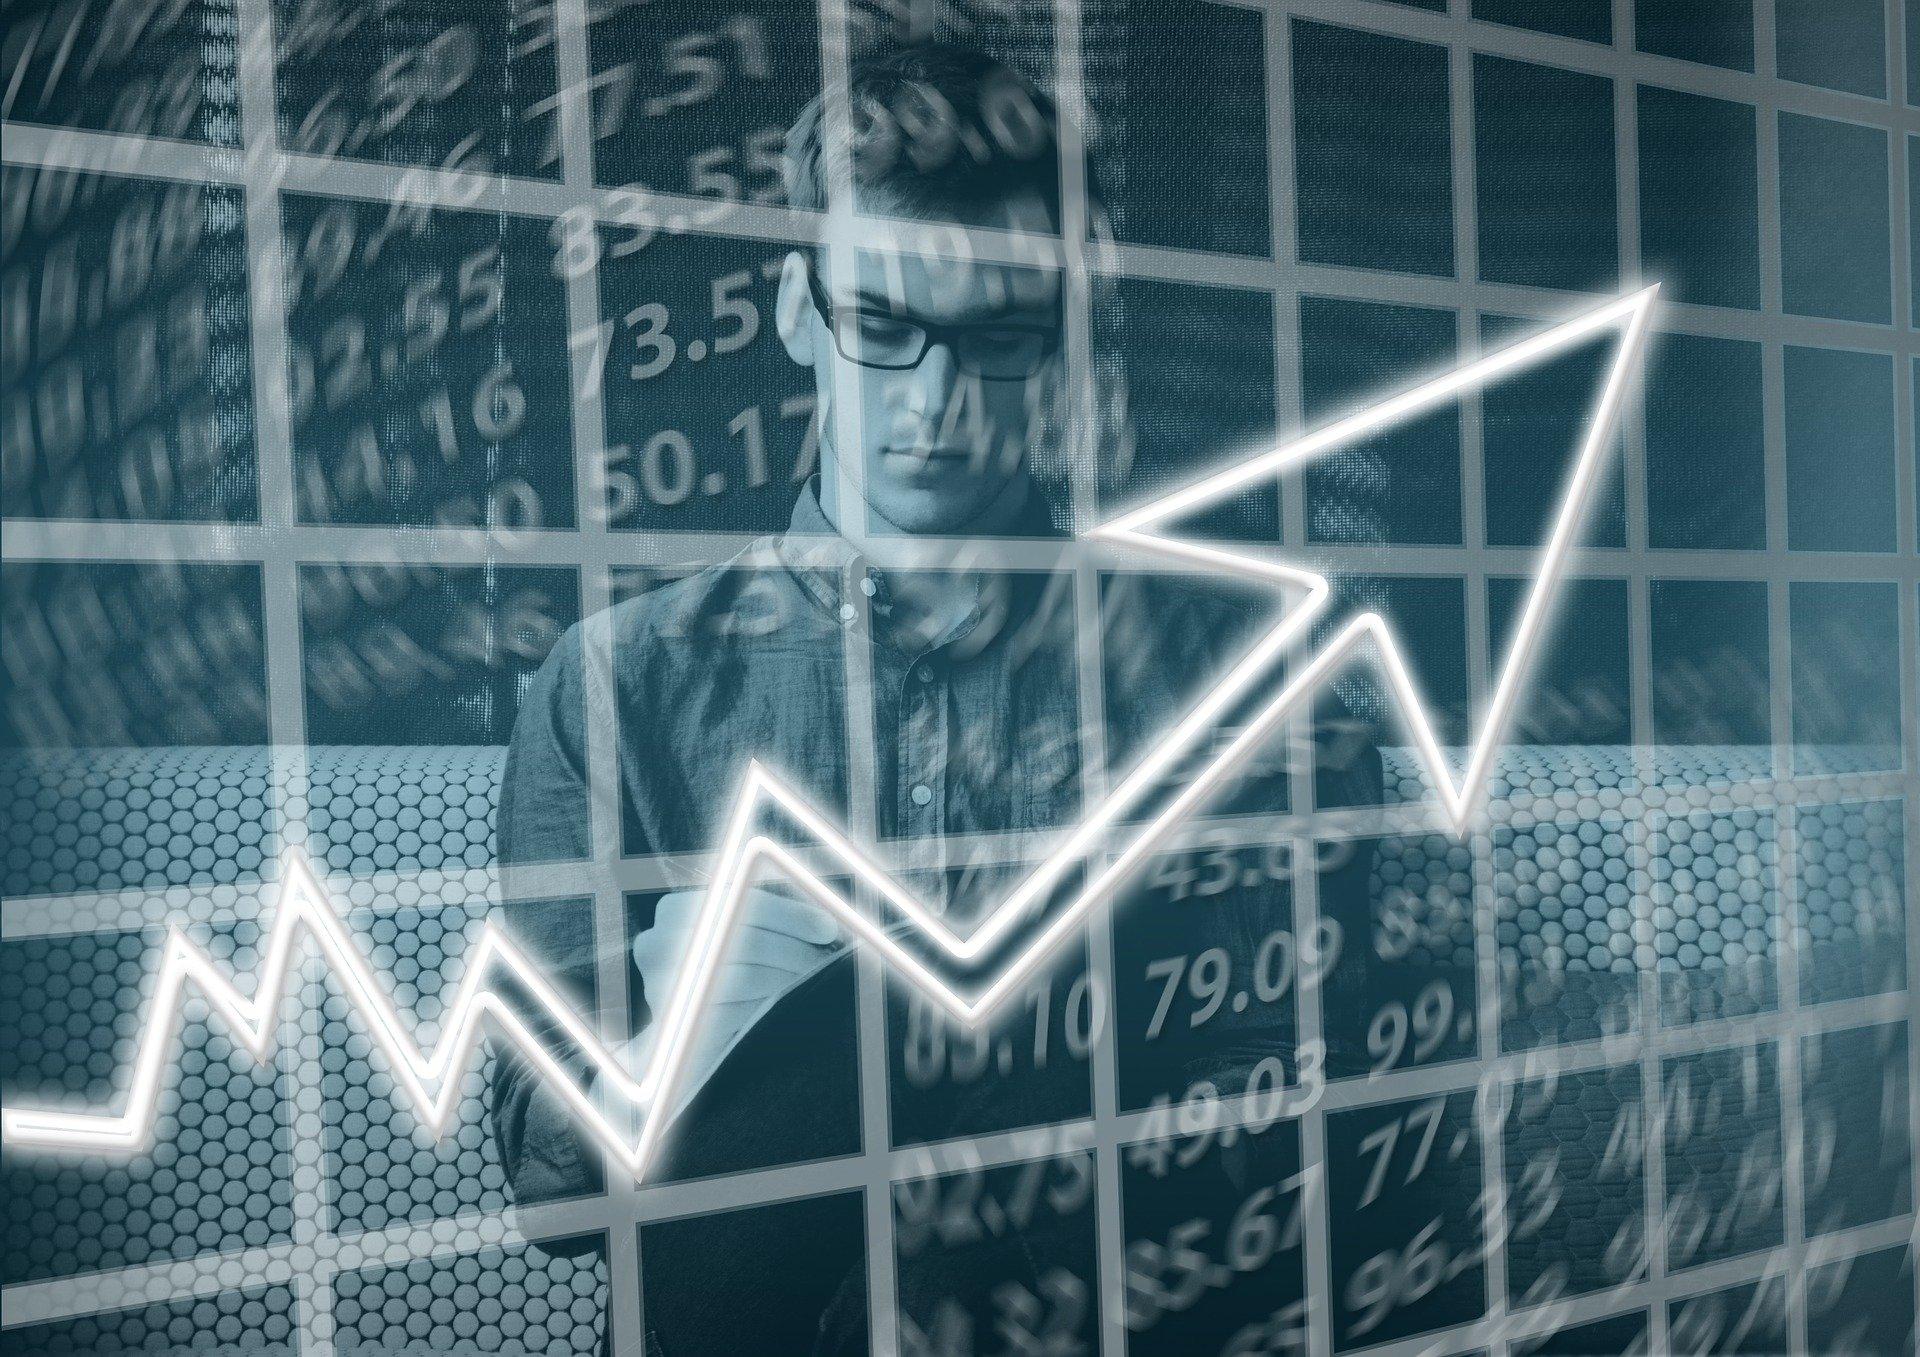 G04Rex trading assets